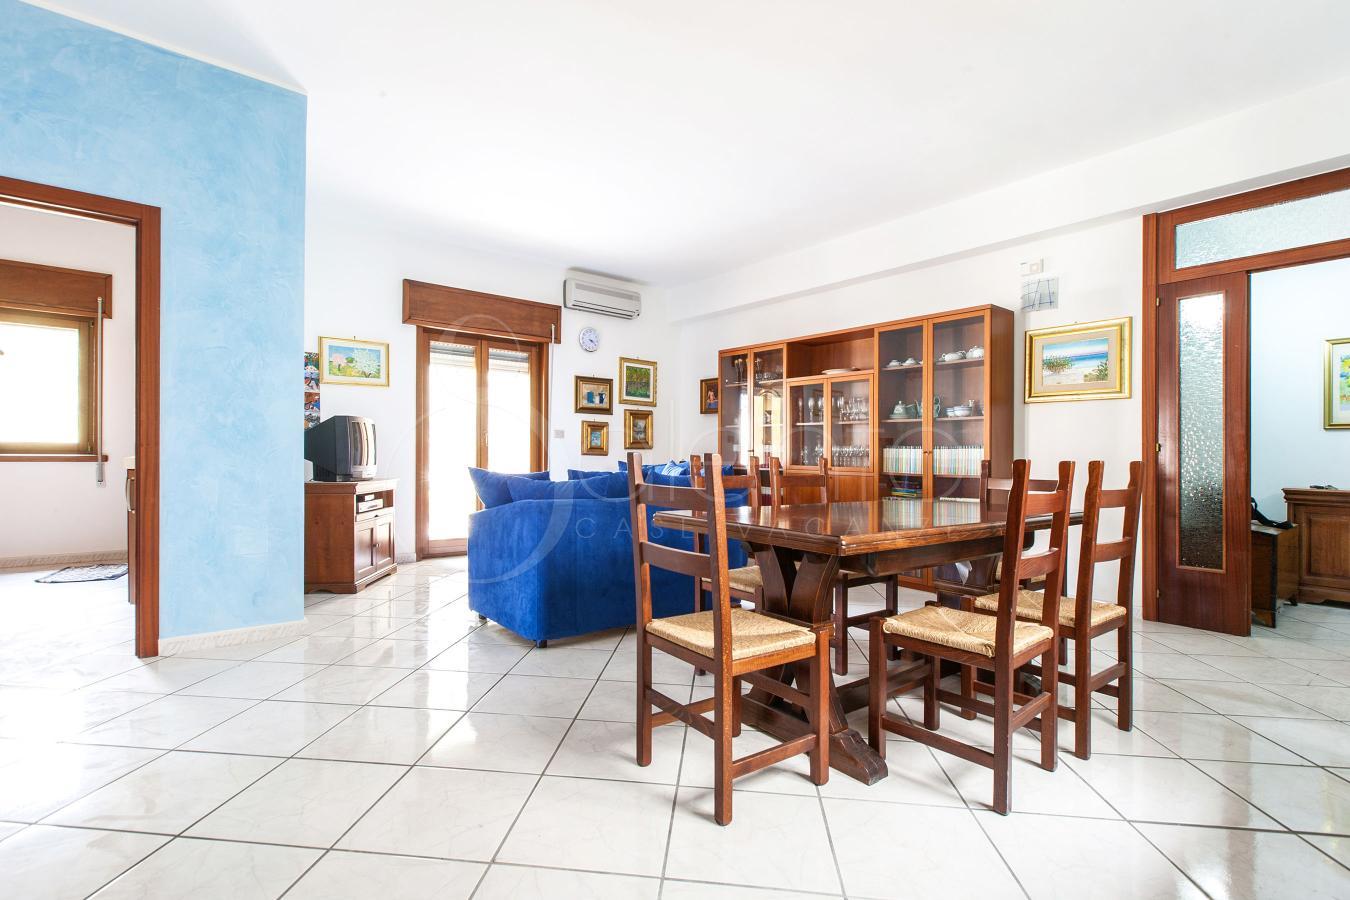 Appartamento in affitto per vacanze a gallipoli corso italia for Appartamento in affitto per suocera